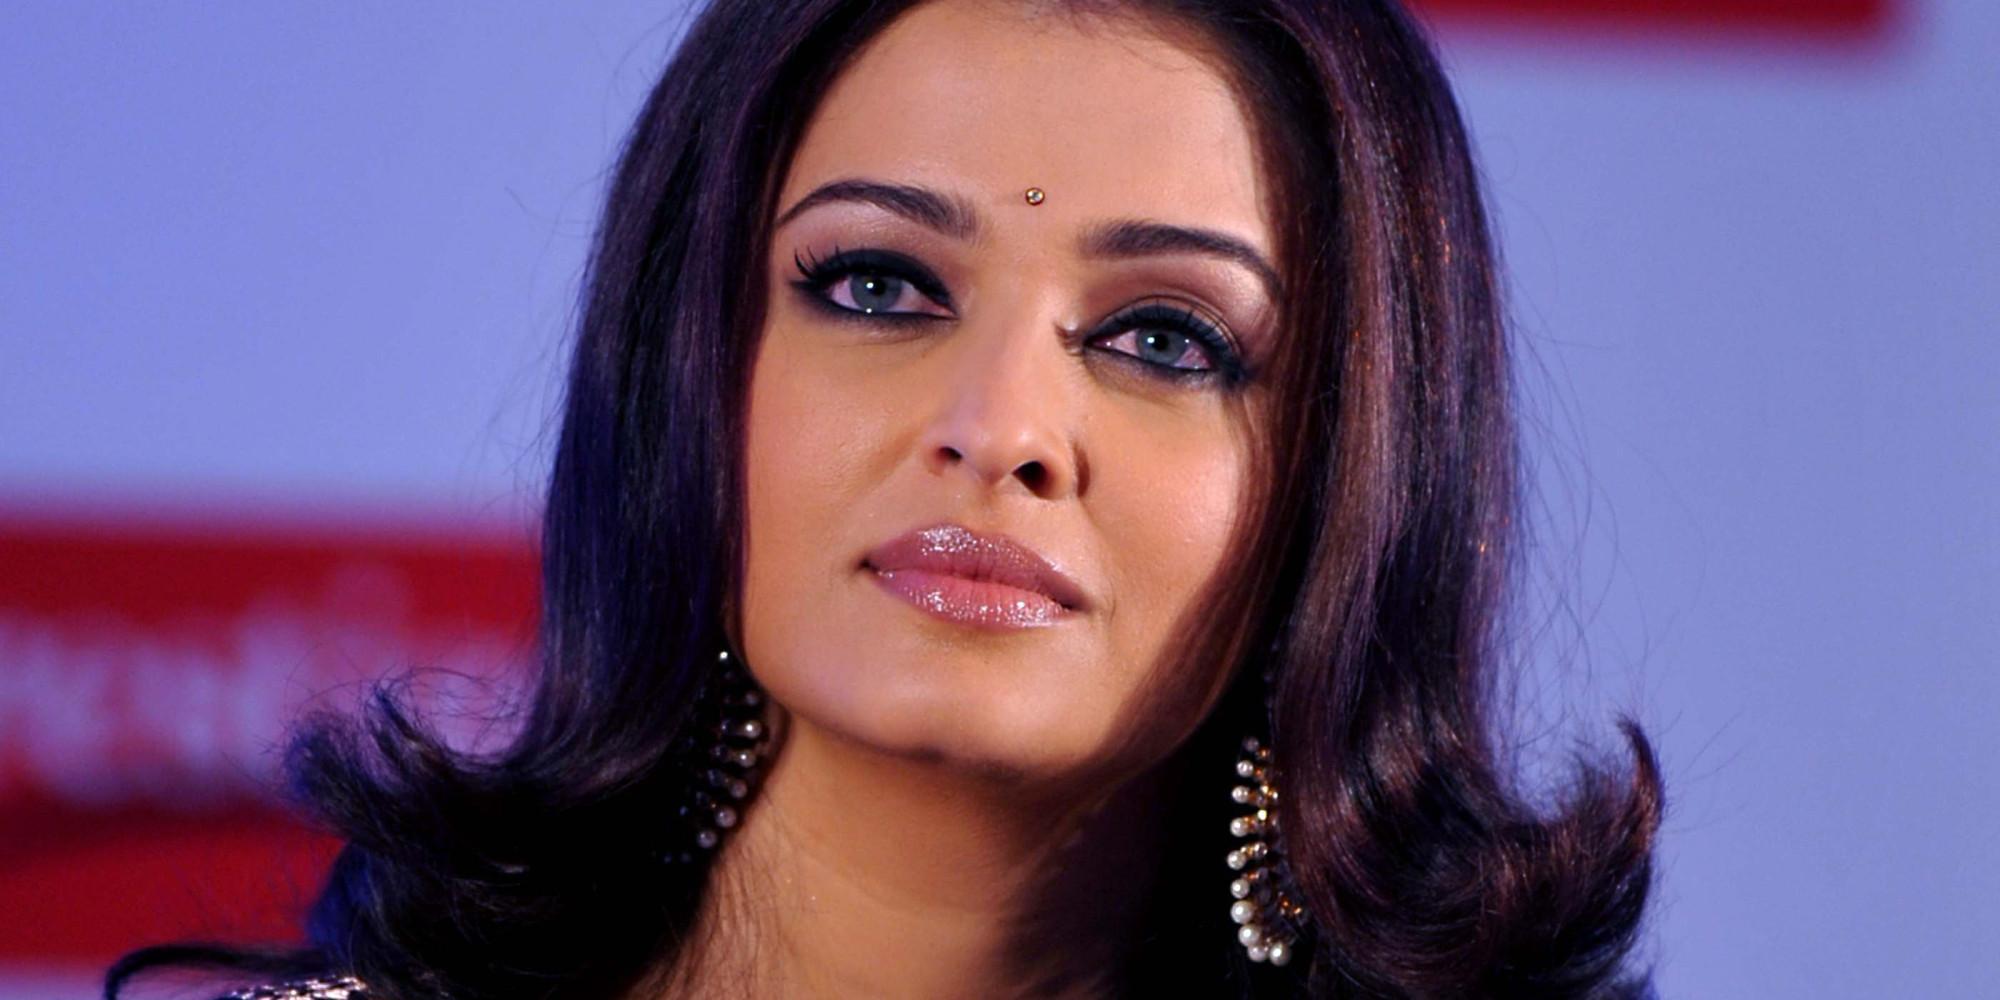 Hacked: Aishwarya Rai Nude